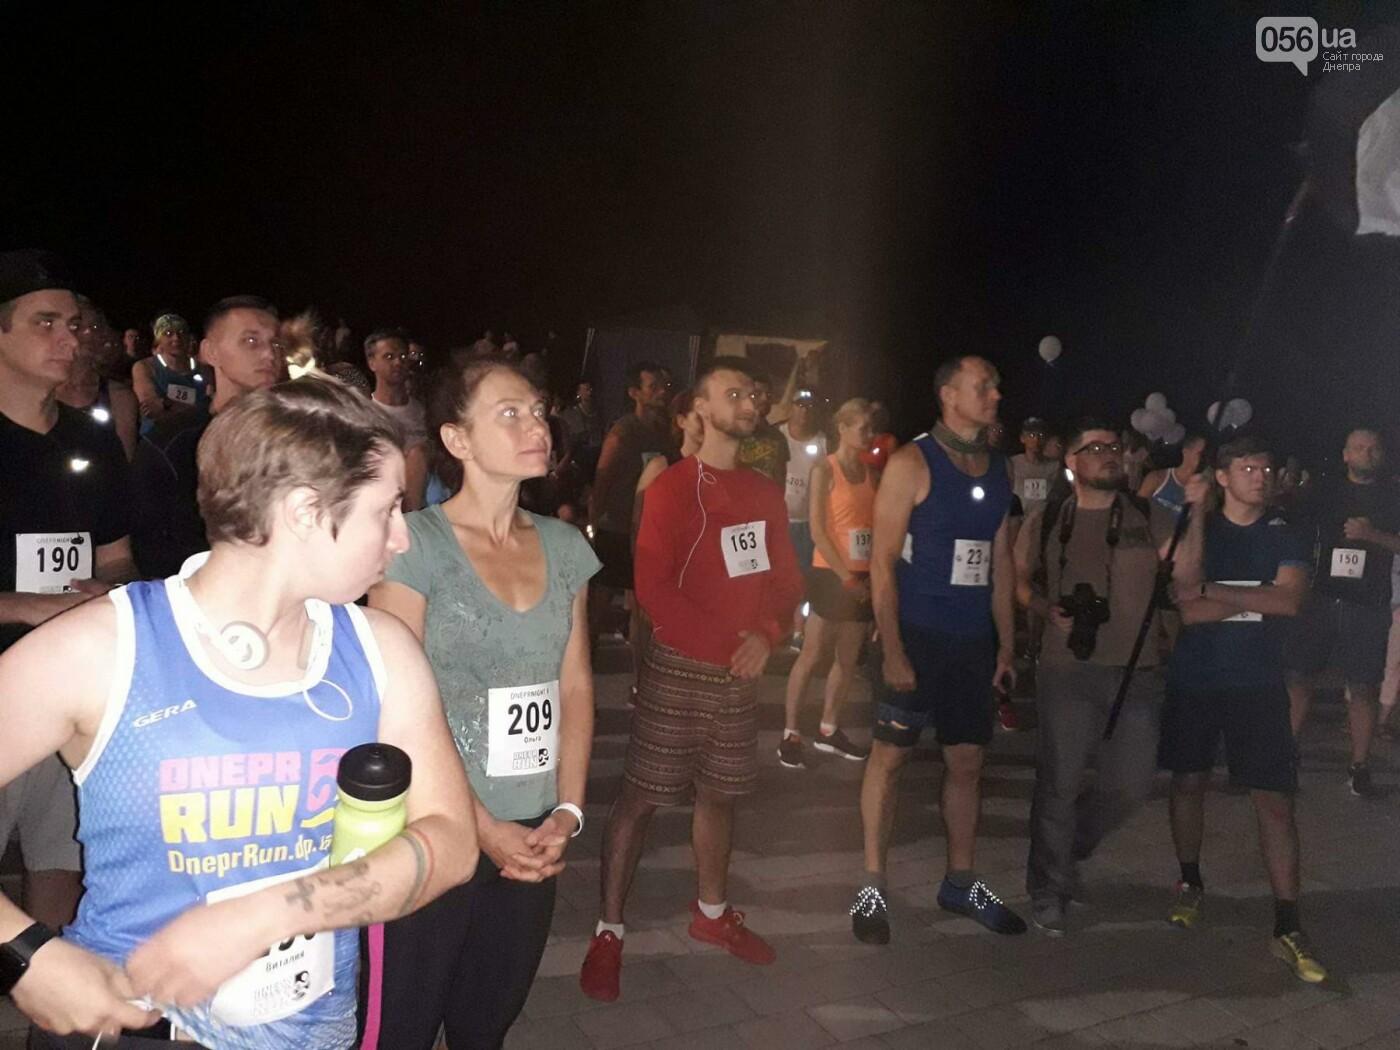 В Днепре прошел юбилейный ночной полумарафон по бегу: как это было,  - ФОТО, фото-9